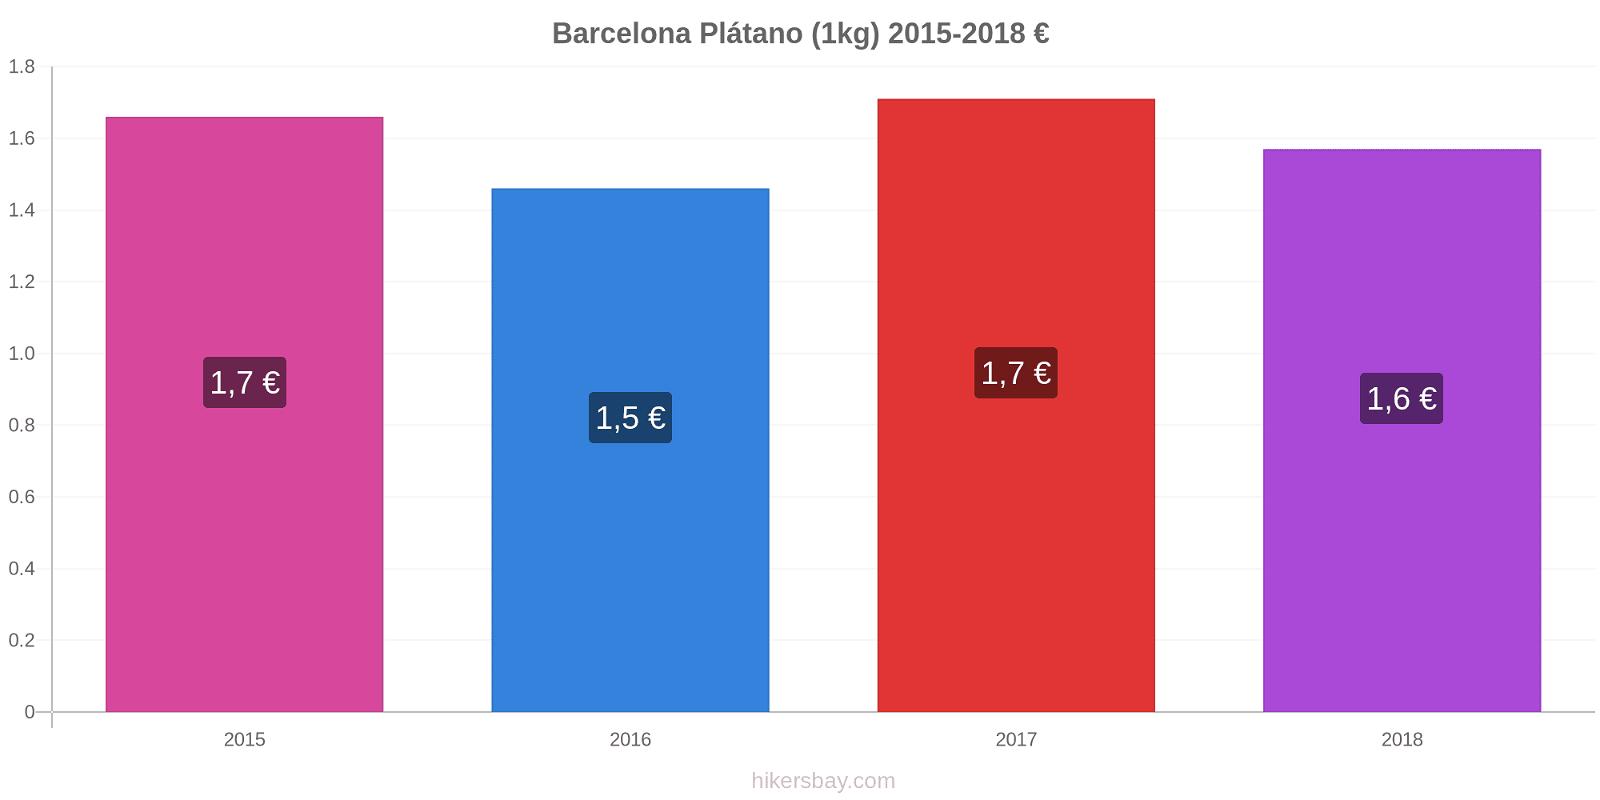 Barcelona cambios de precios Plátano (1kg) hikersbay.com